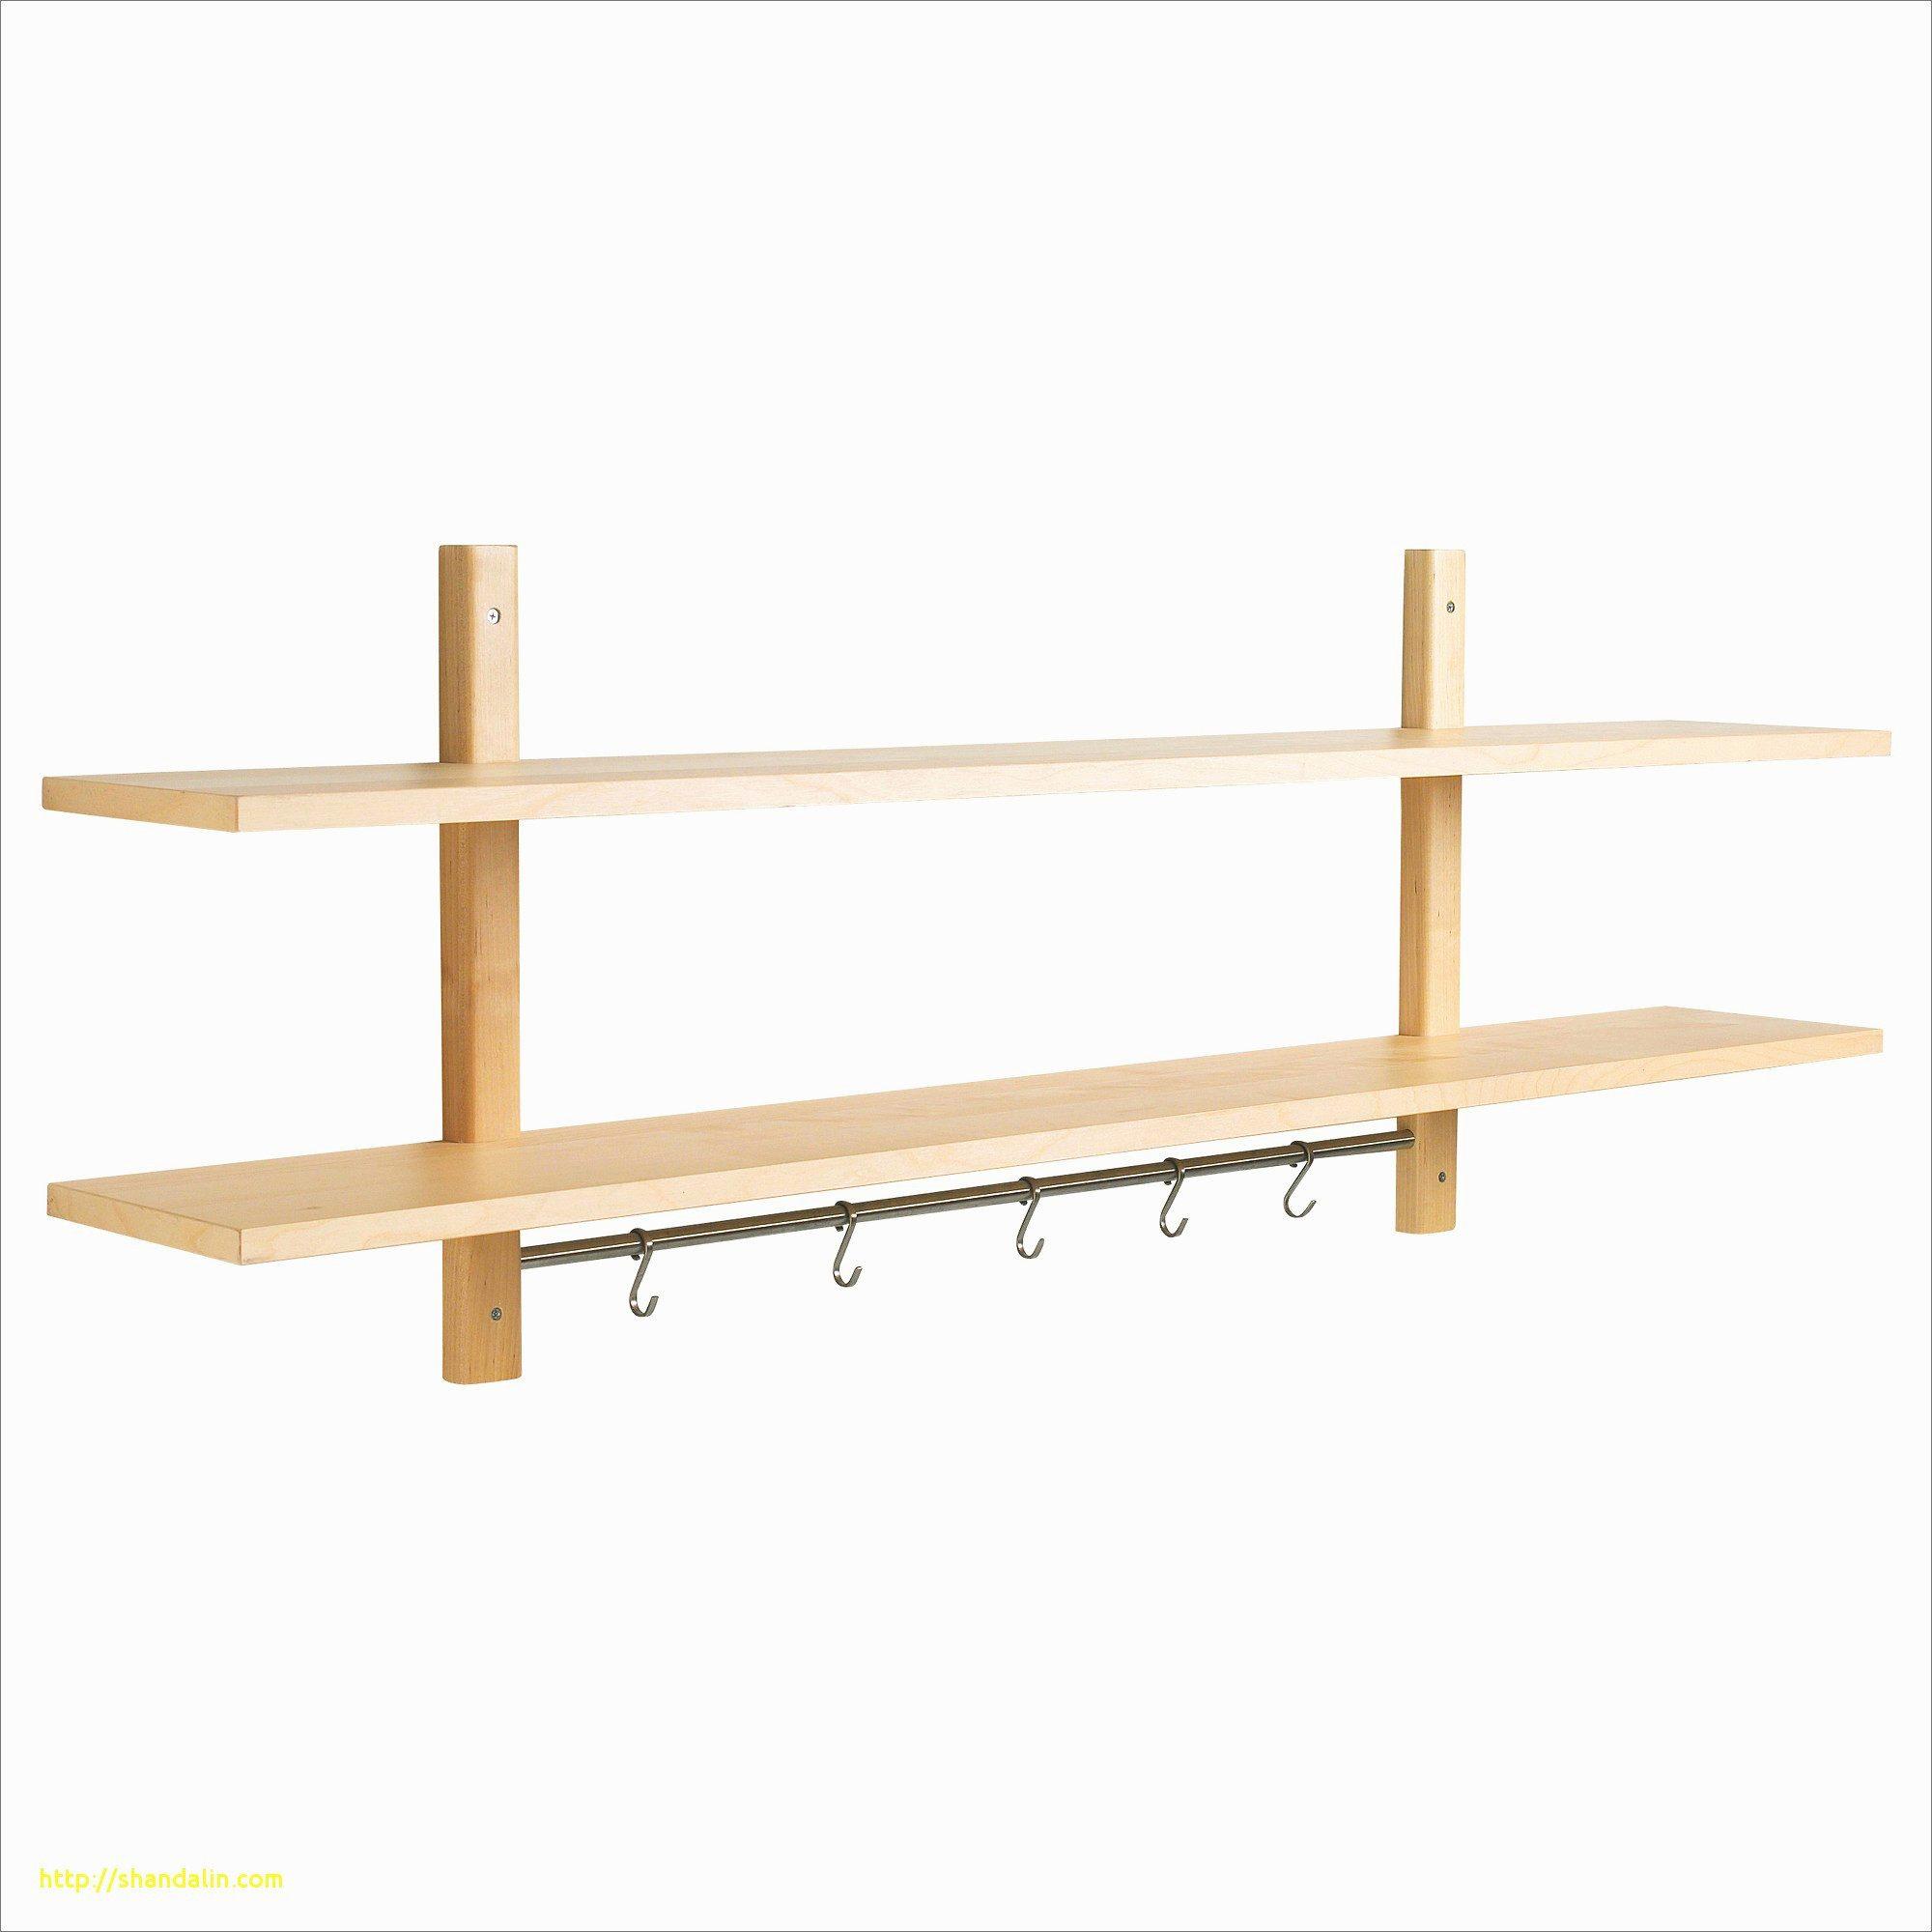 Tete De Lit Beige De Luxe Exceptionnel Etagere Tete De Lit Ikea Sur Tete De Lit Ikea 180